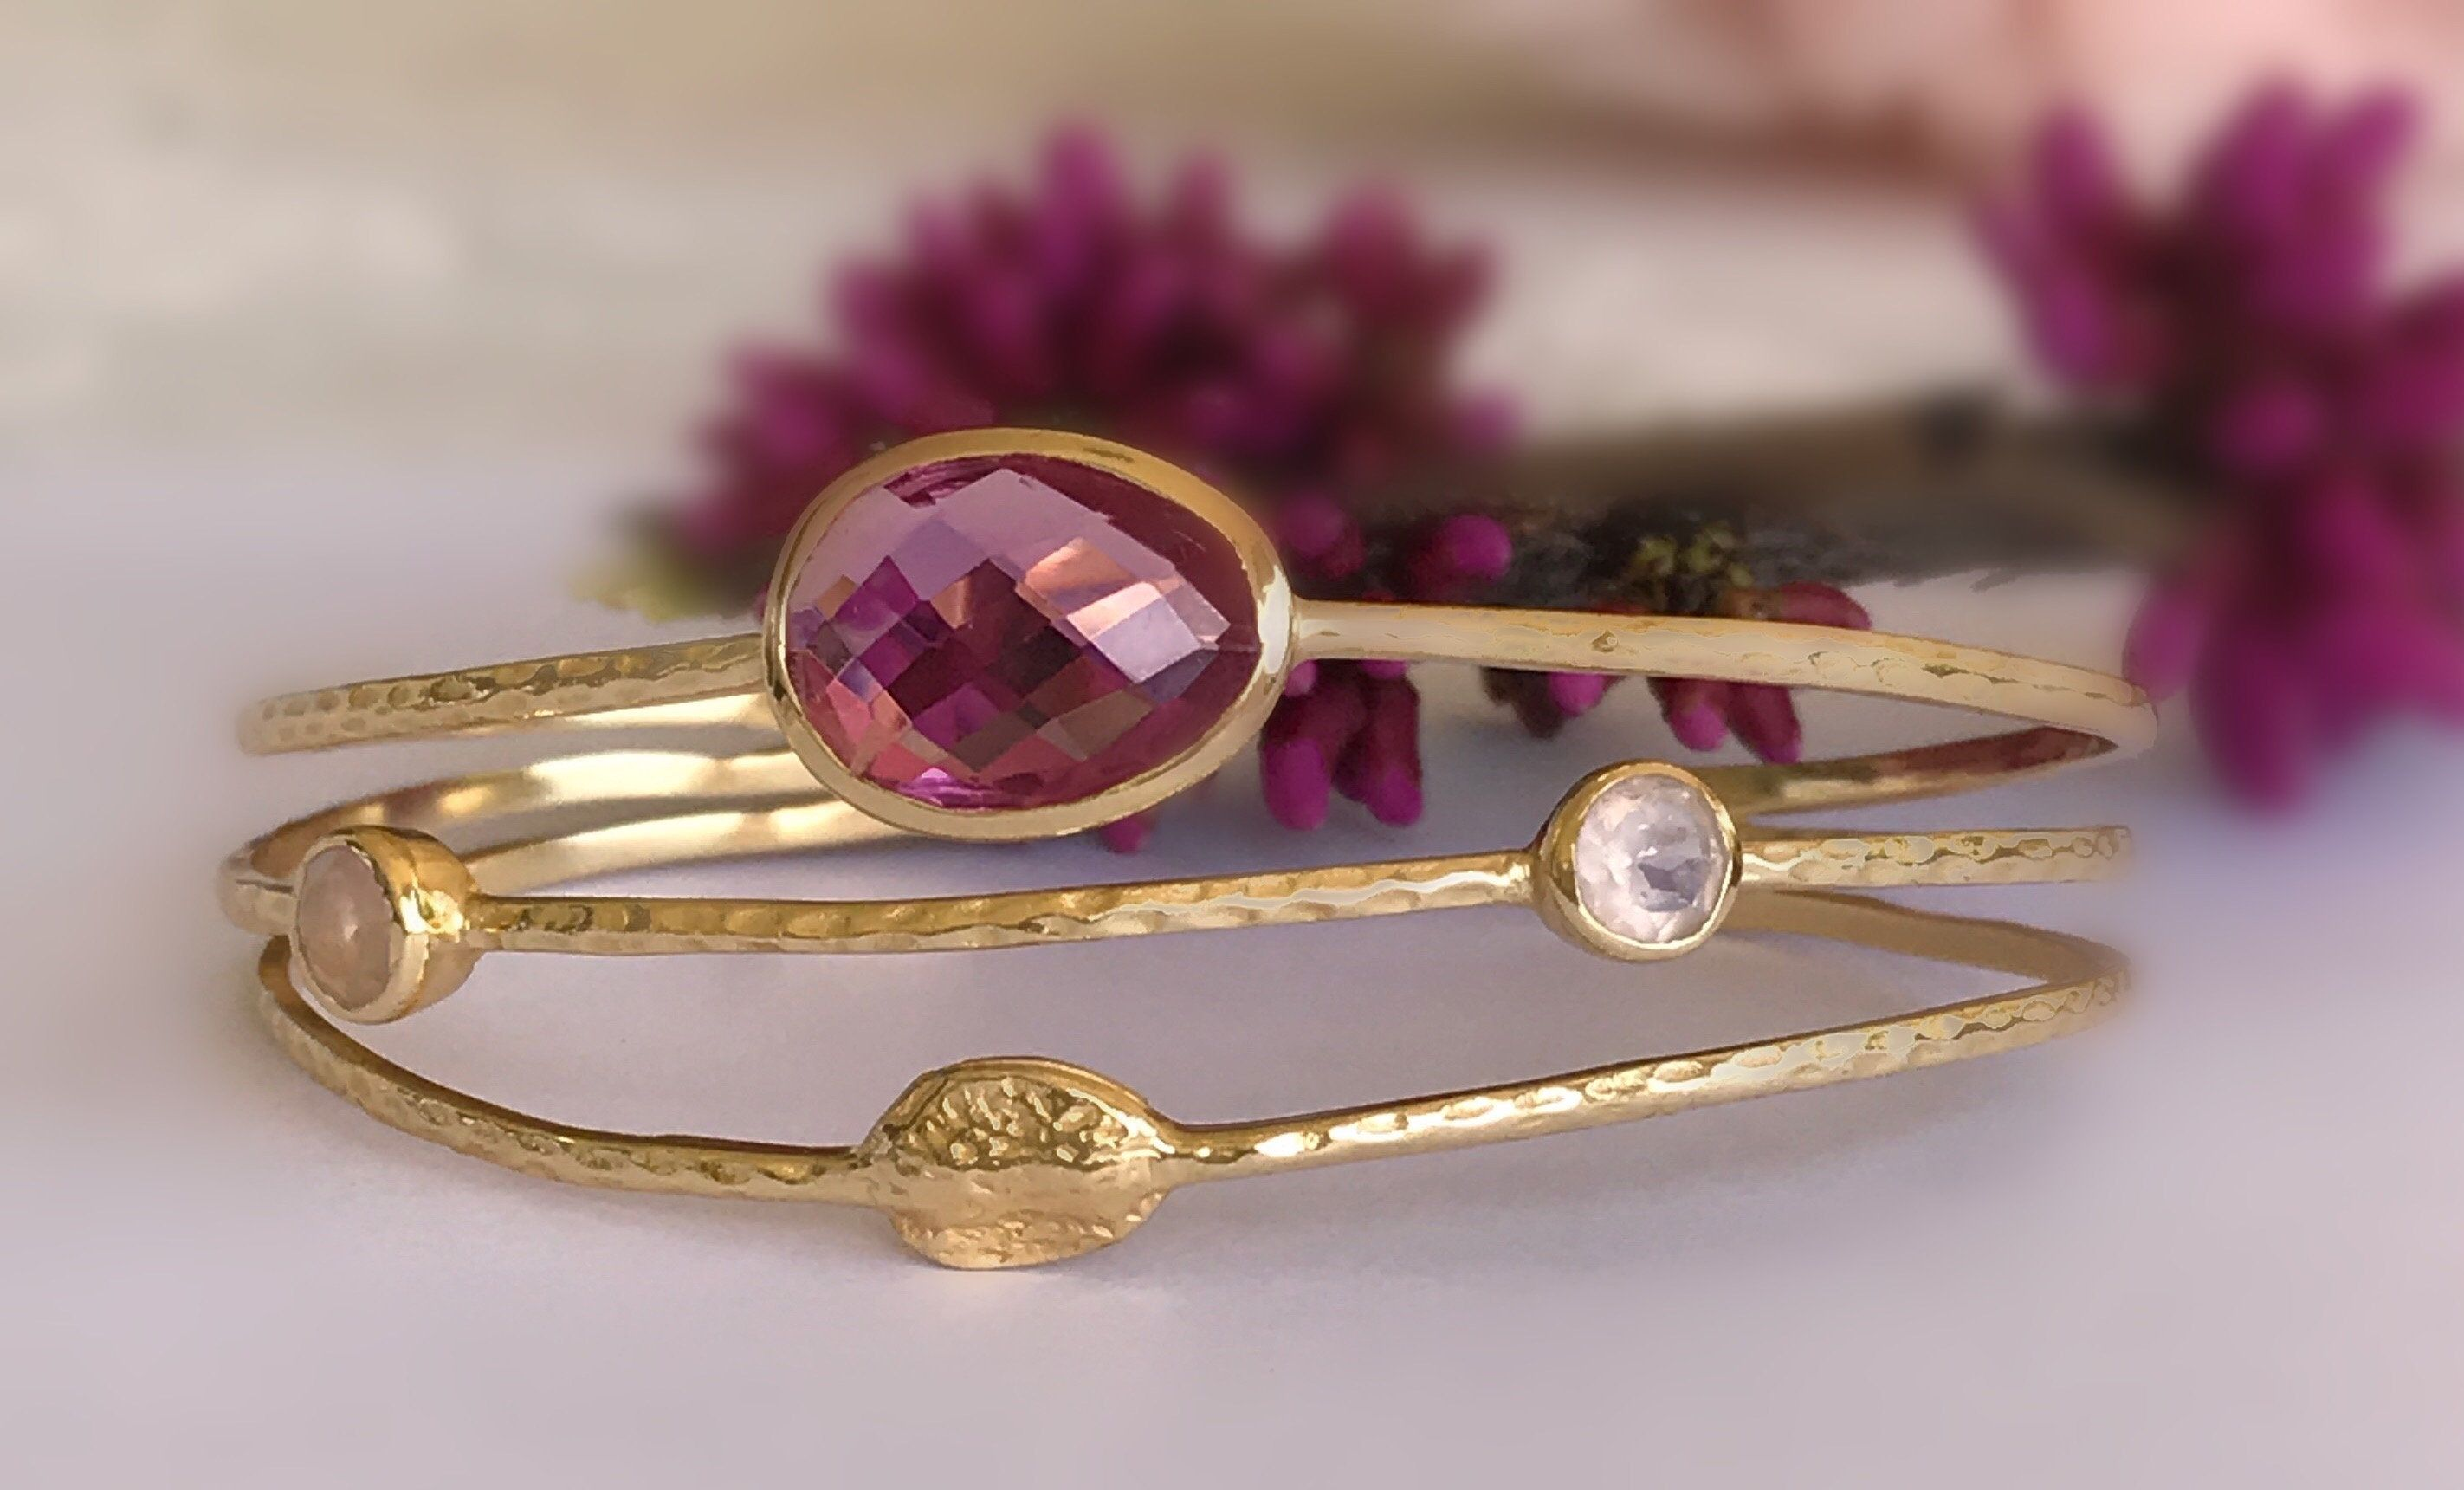 Vintage Charm améthyste rose gemme 925 Argent Bague Pour Femmes Mariage Bijoux